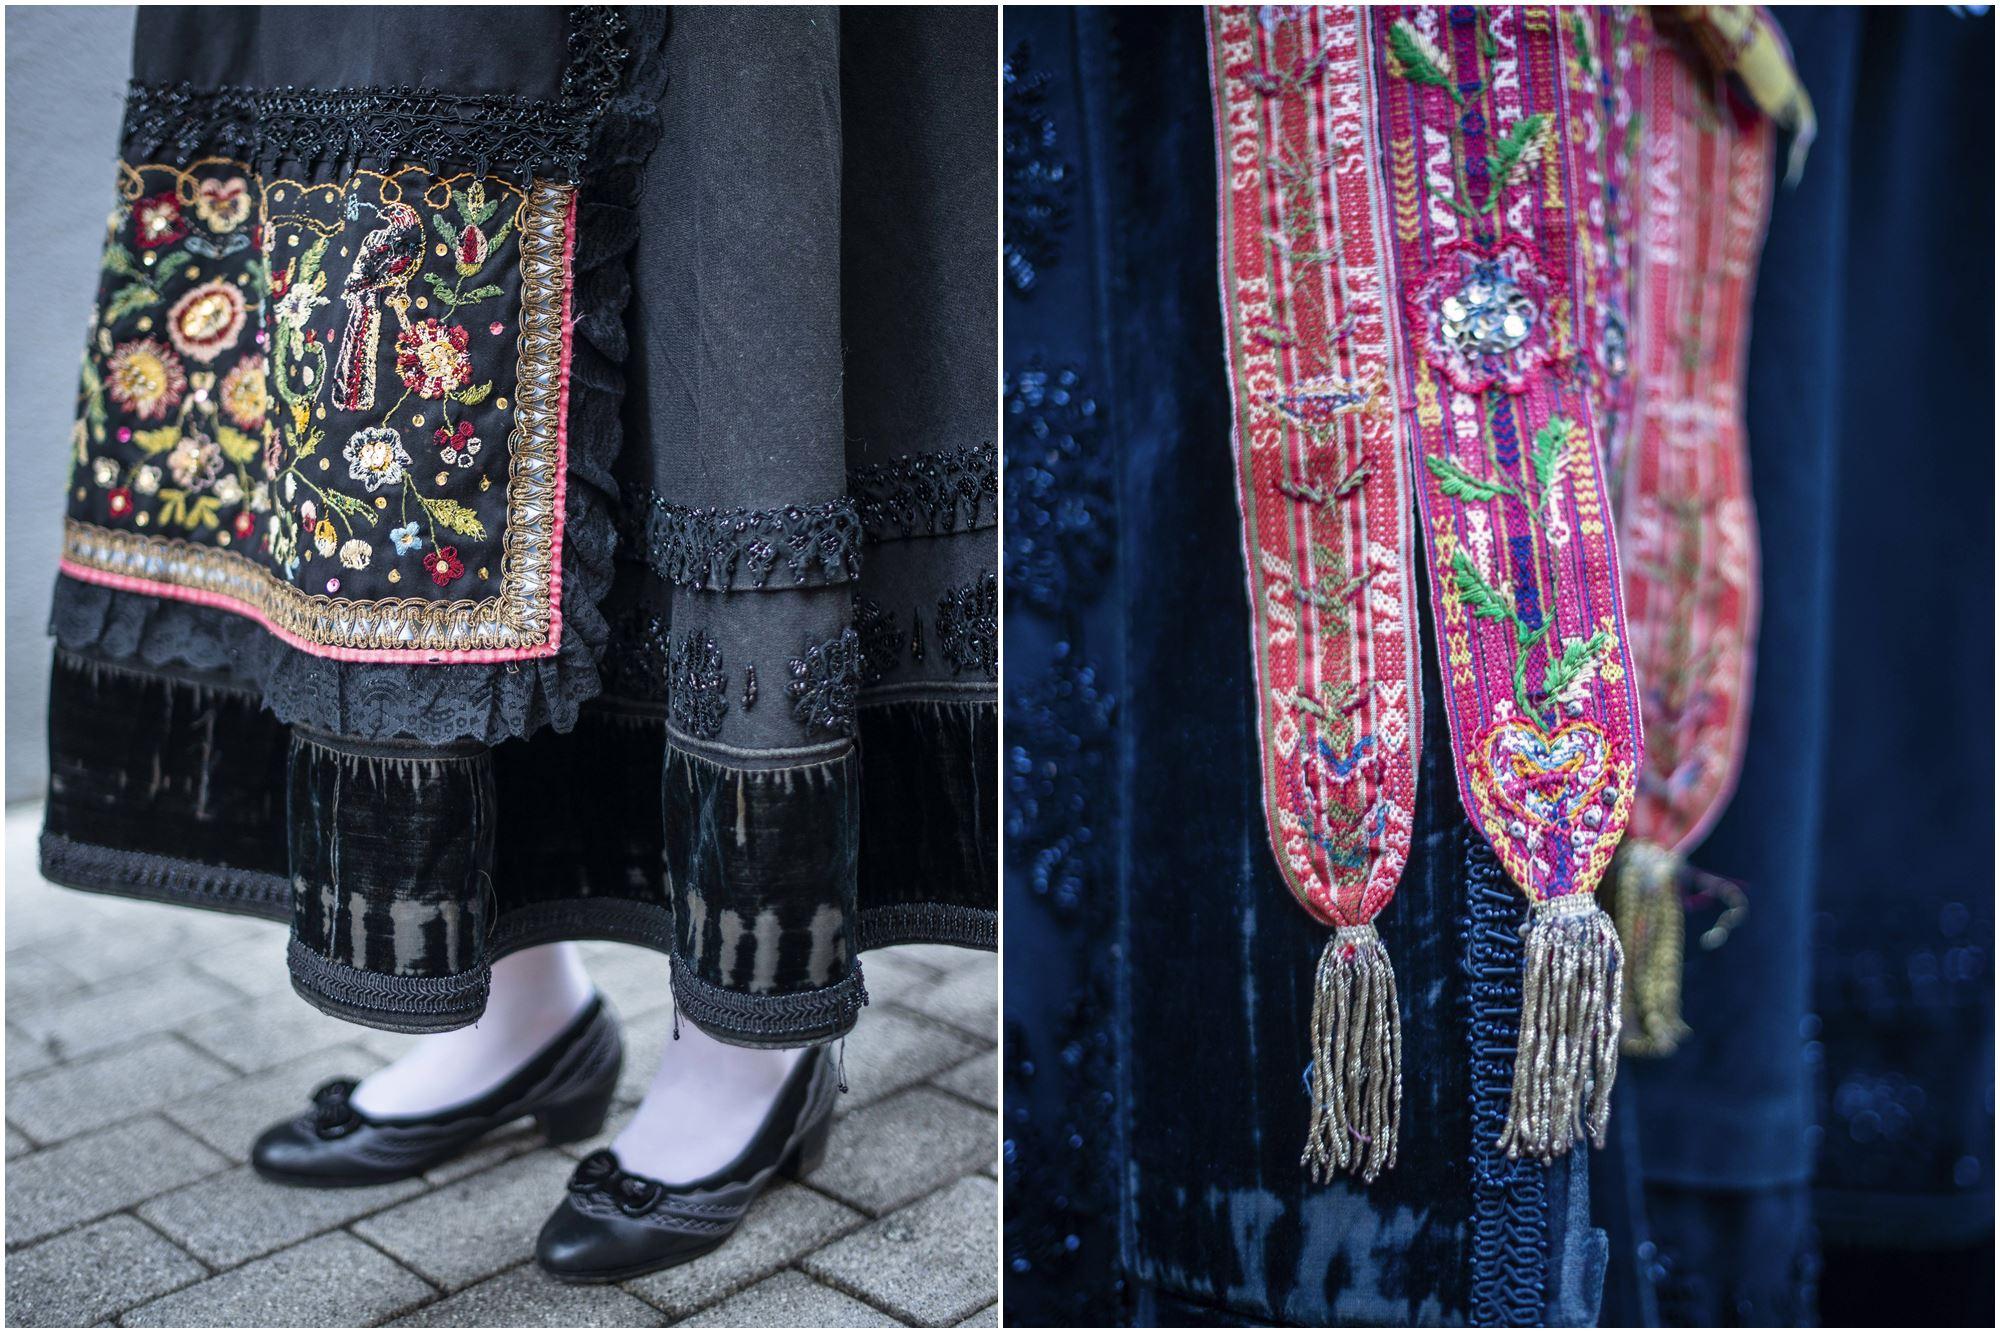 Los zapatos y las cintas, claves en la vestimenta de la mujer maragata.